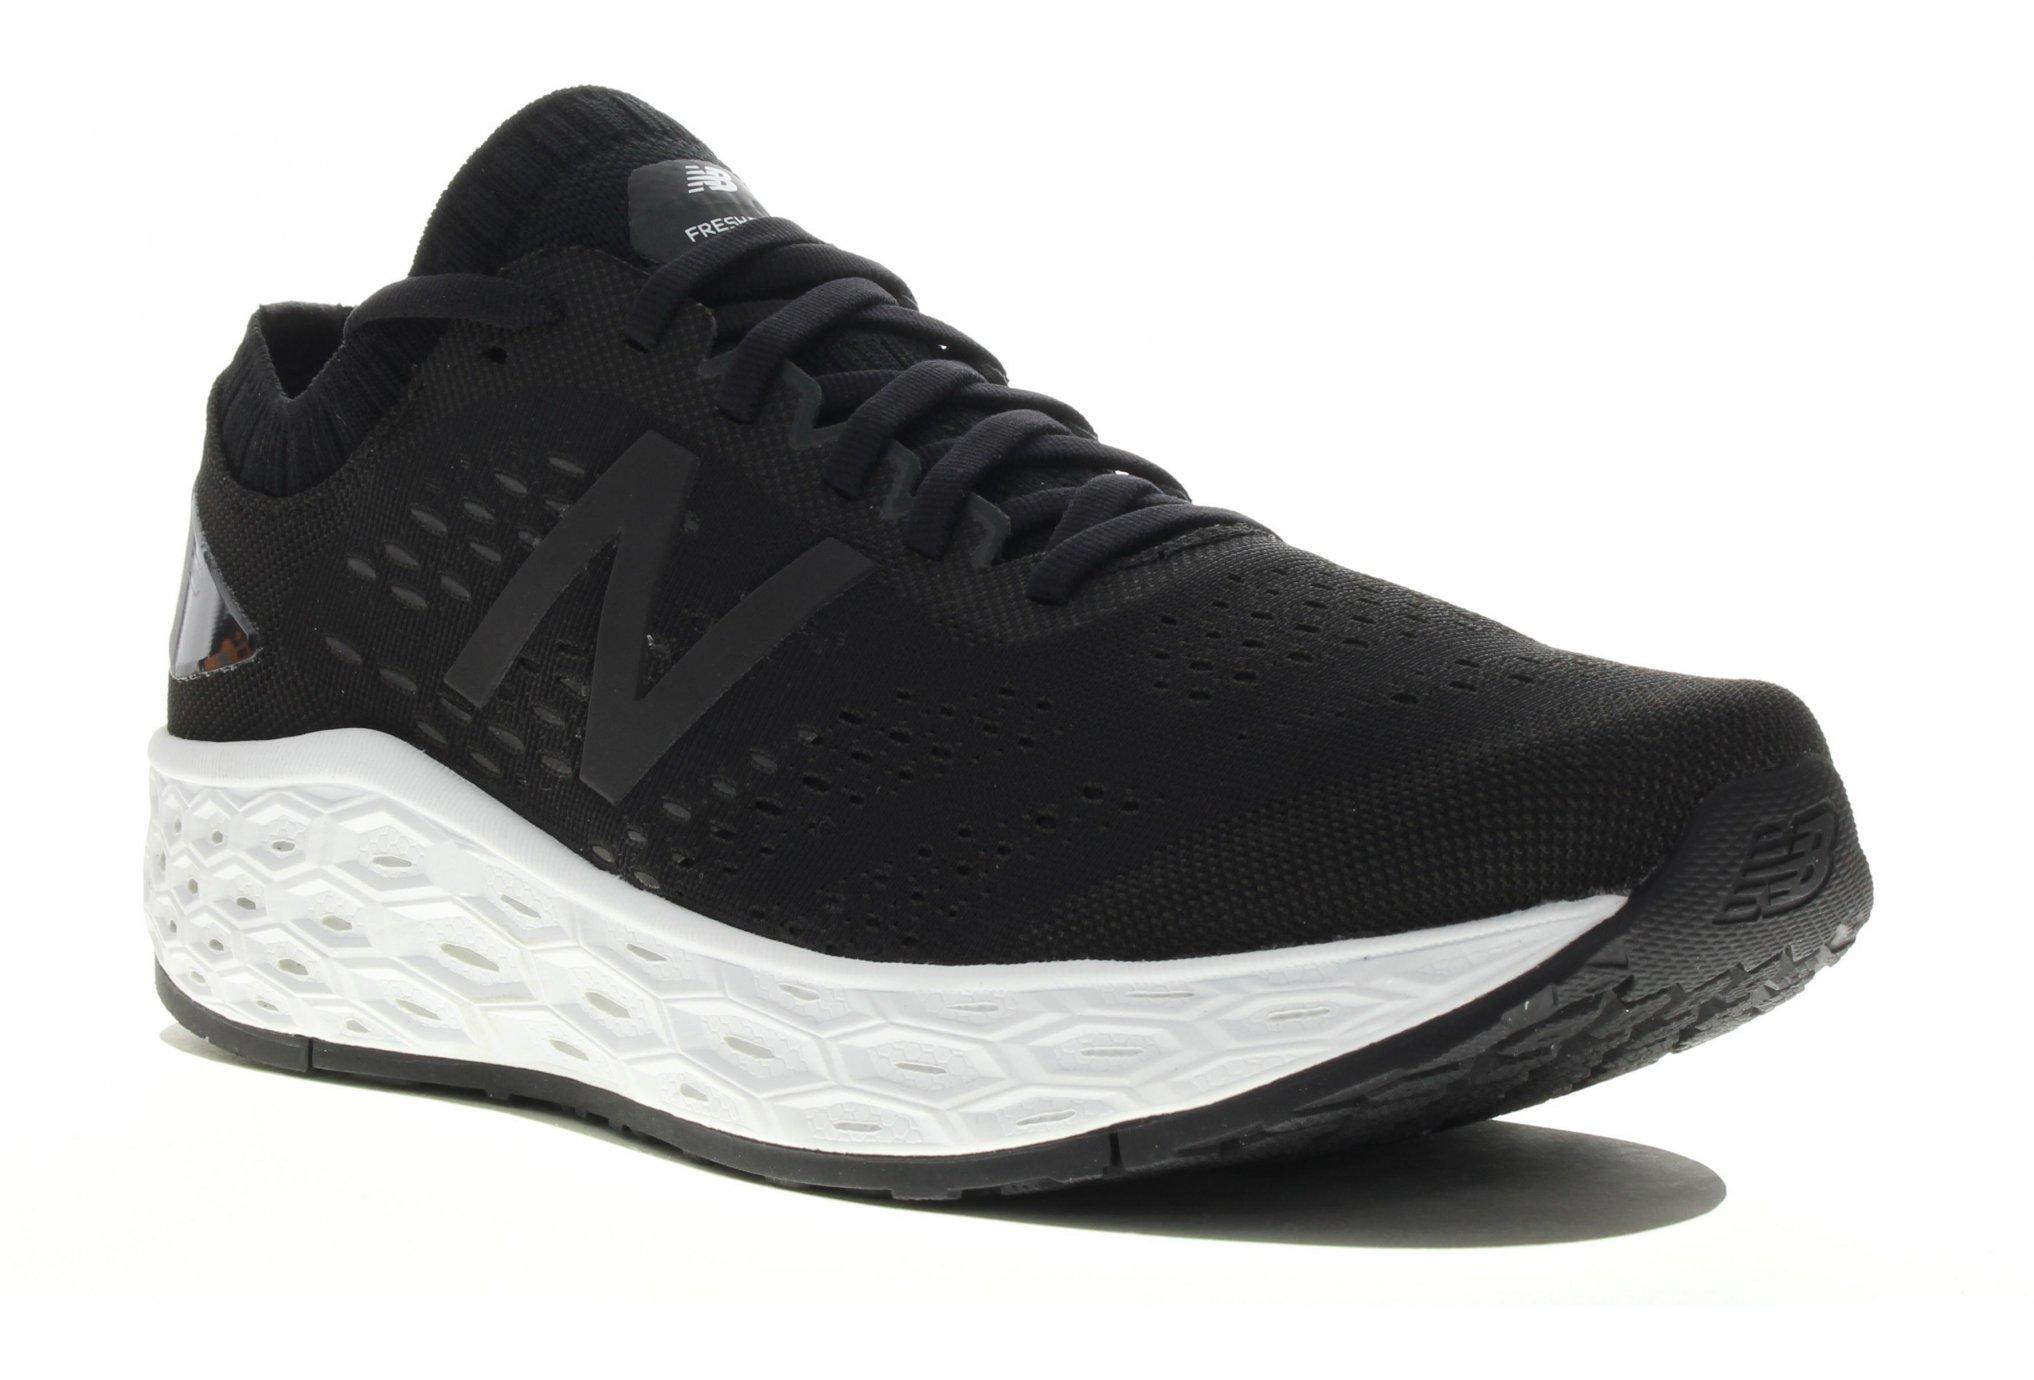 New Balance Fresh Foam Vongo V4 Chaussures homme